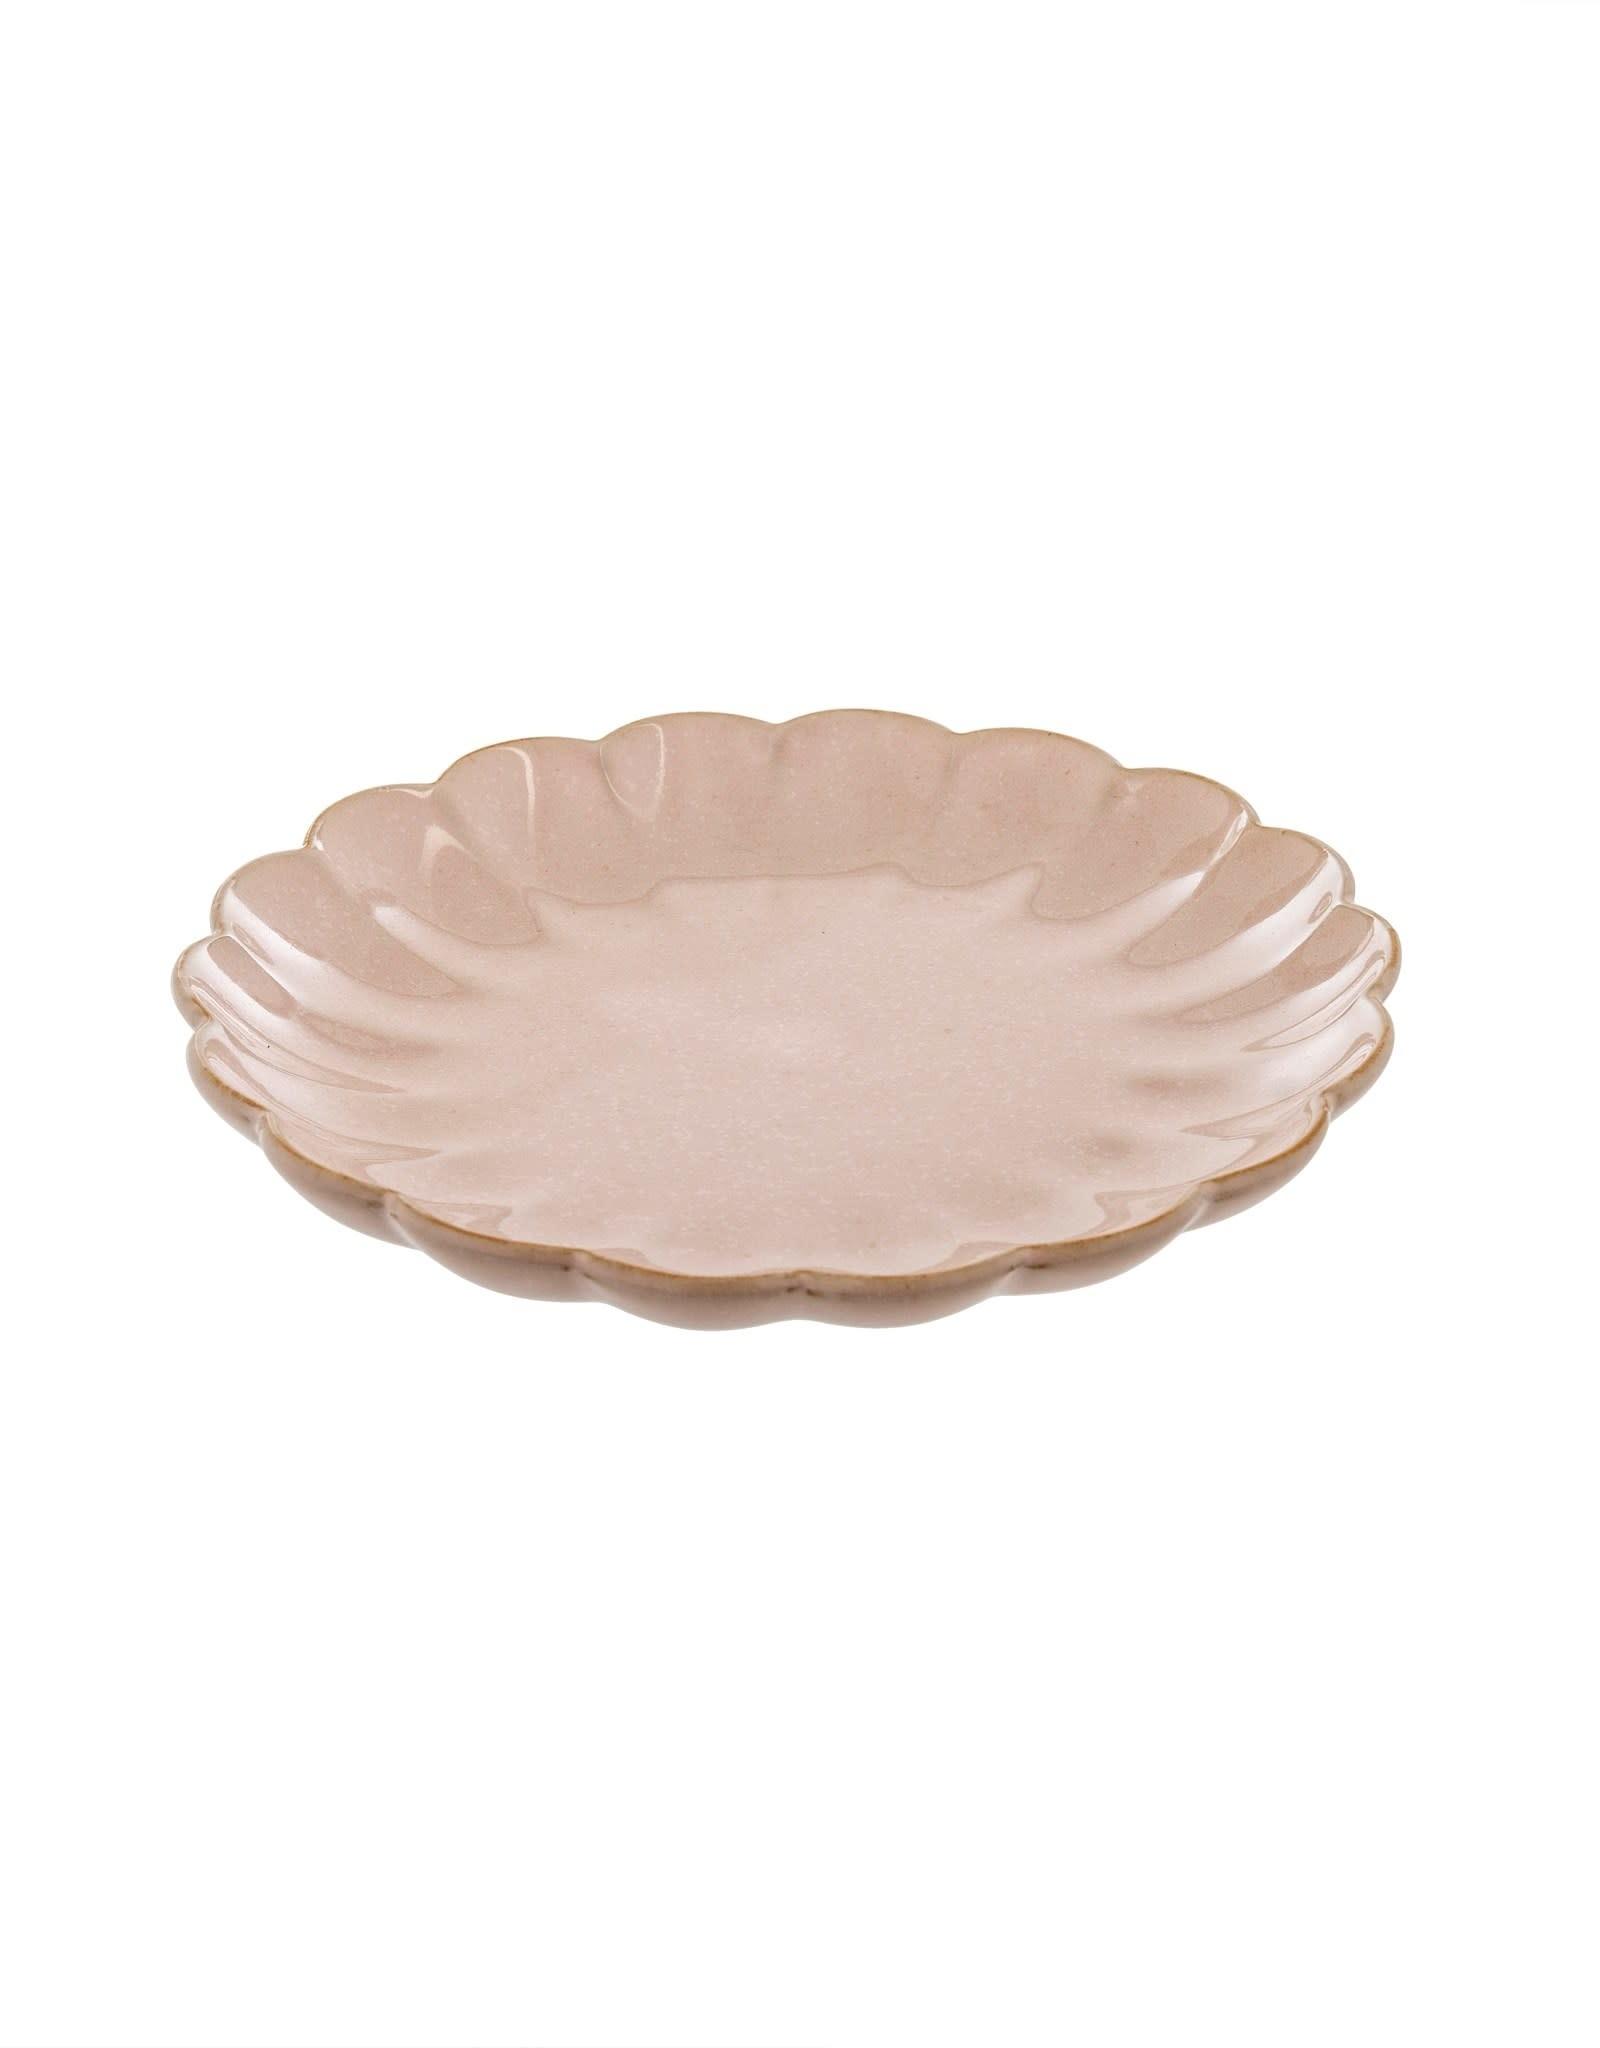 Indaba Amelia Blush Plate - Medium